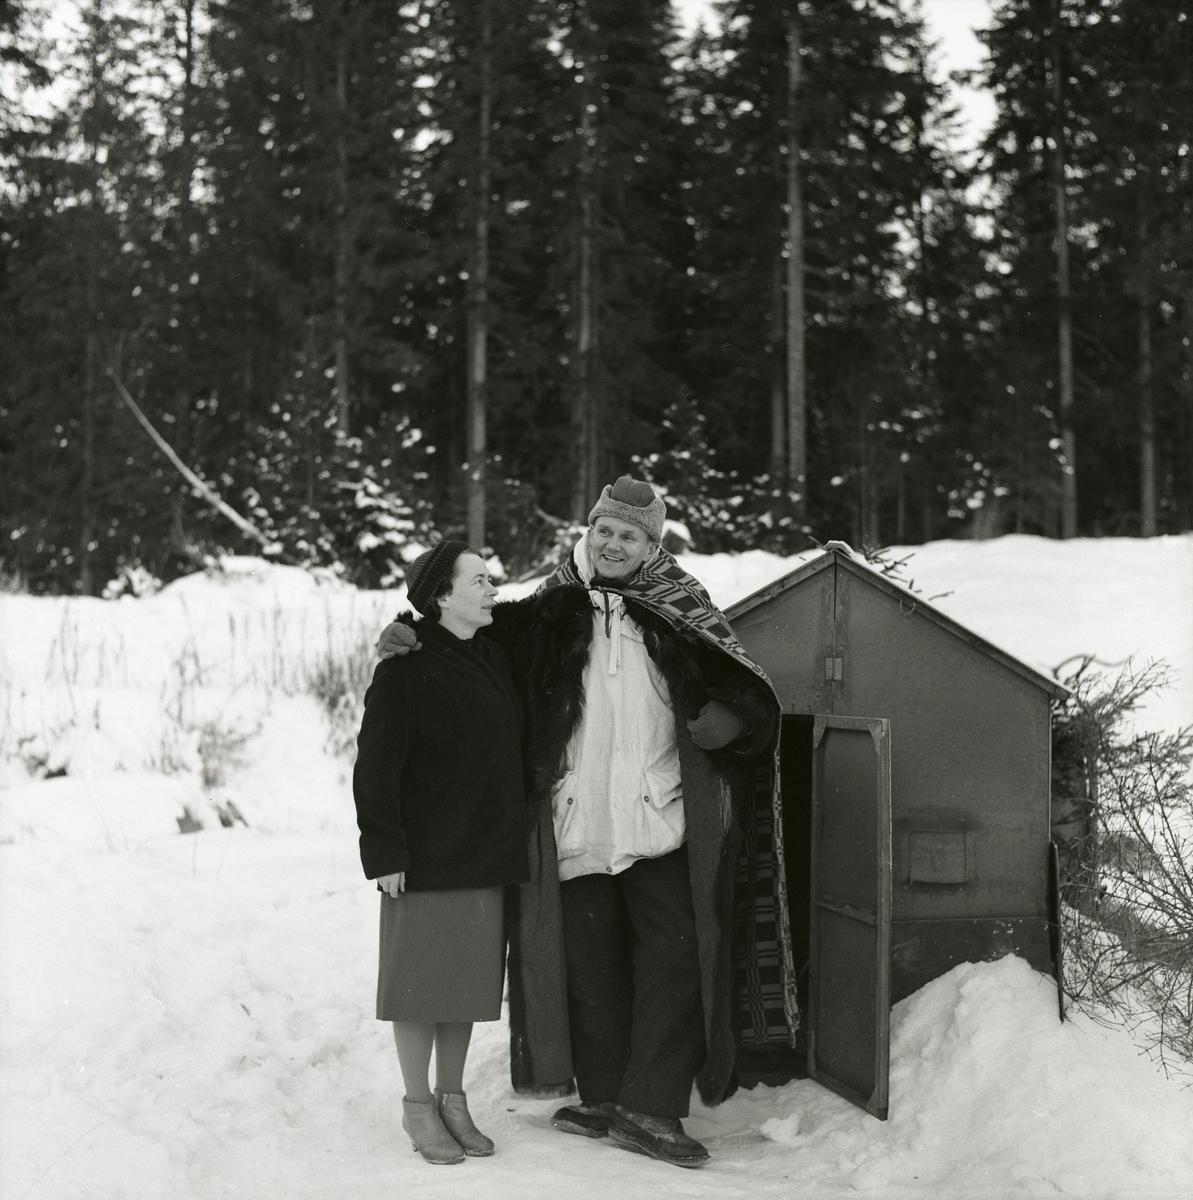 Adéle och Hilding framför öppningen till en koja i skogen. Det är snö och Hilding har ett täcke över axlarna, 1962.